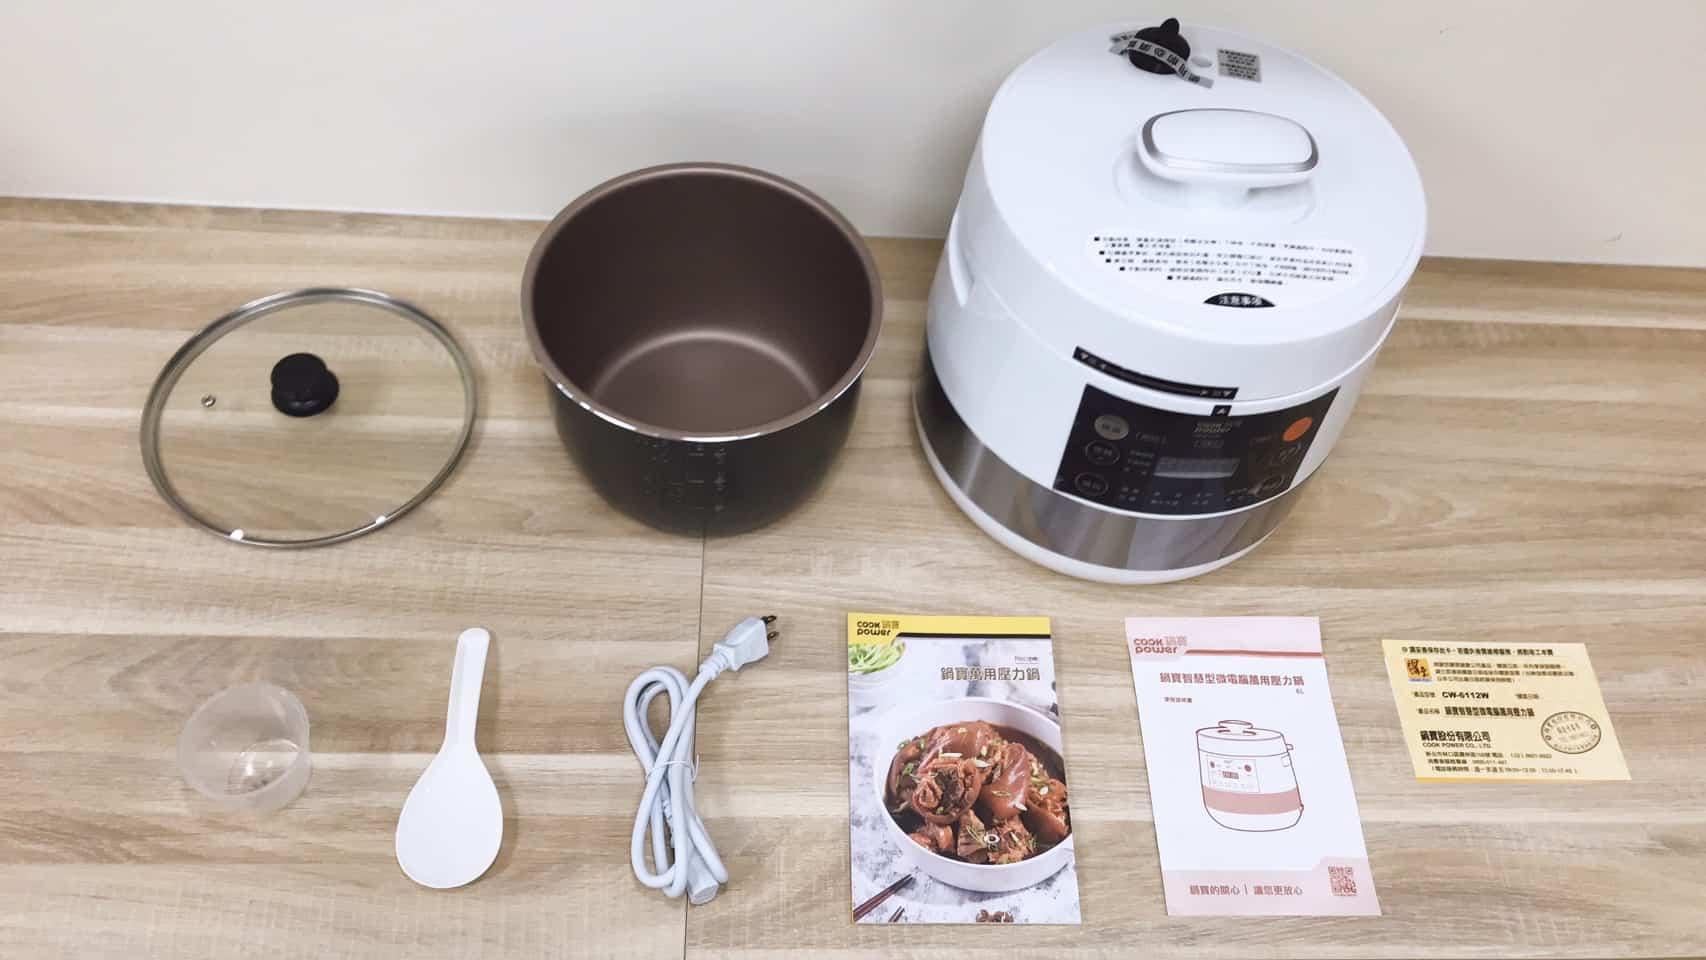 鍋寶萬用壓力鍋本體及配件